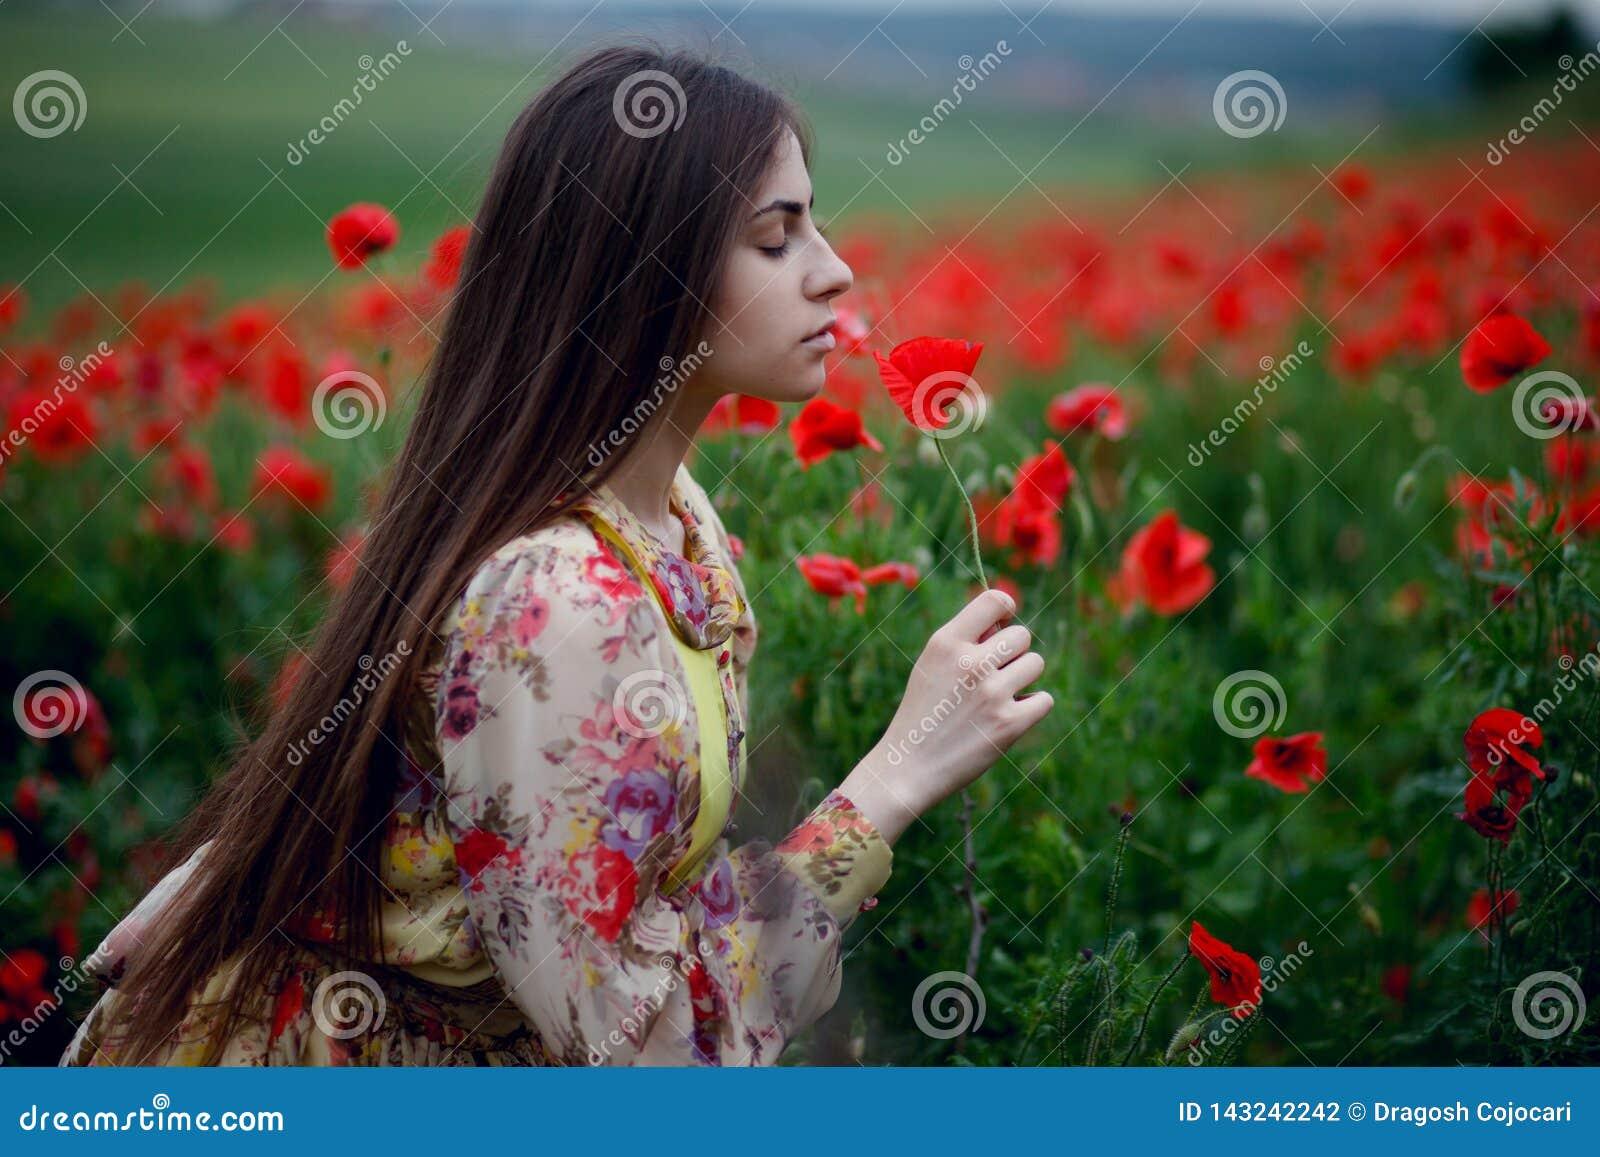 Una muchacha hermosa con el pelo largo y la piel natural, colocándose en un campo de amapolas rojas y sosteniendo una amapola roj